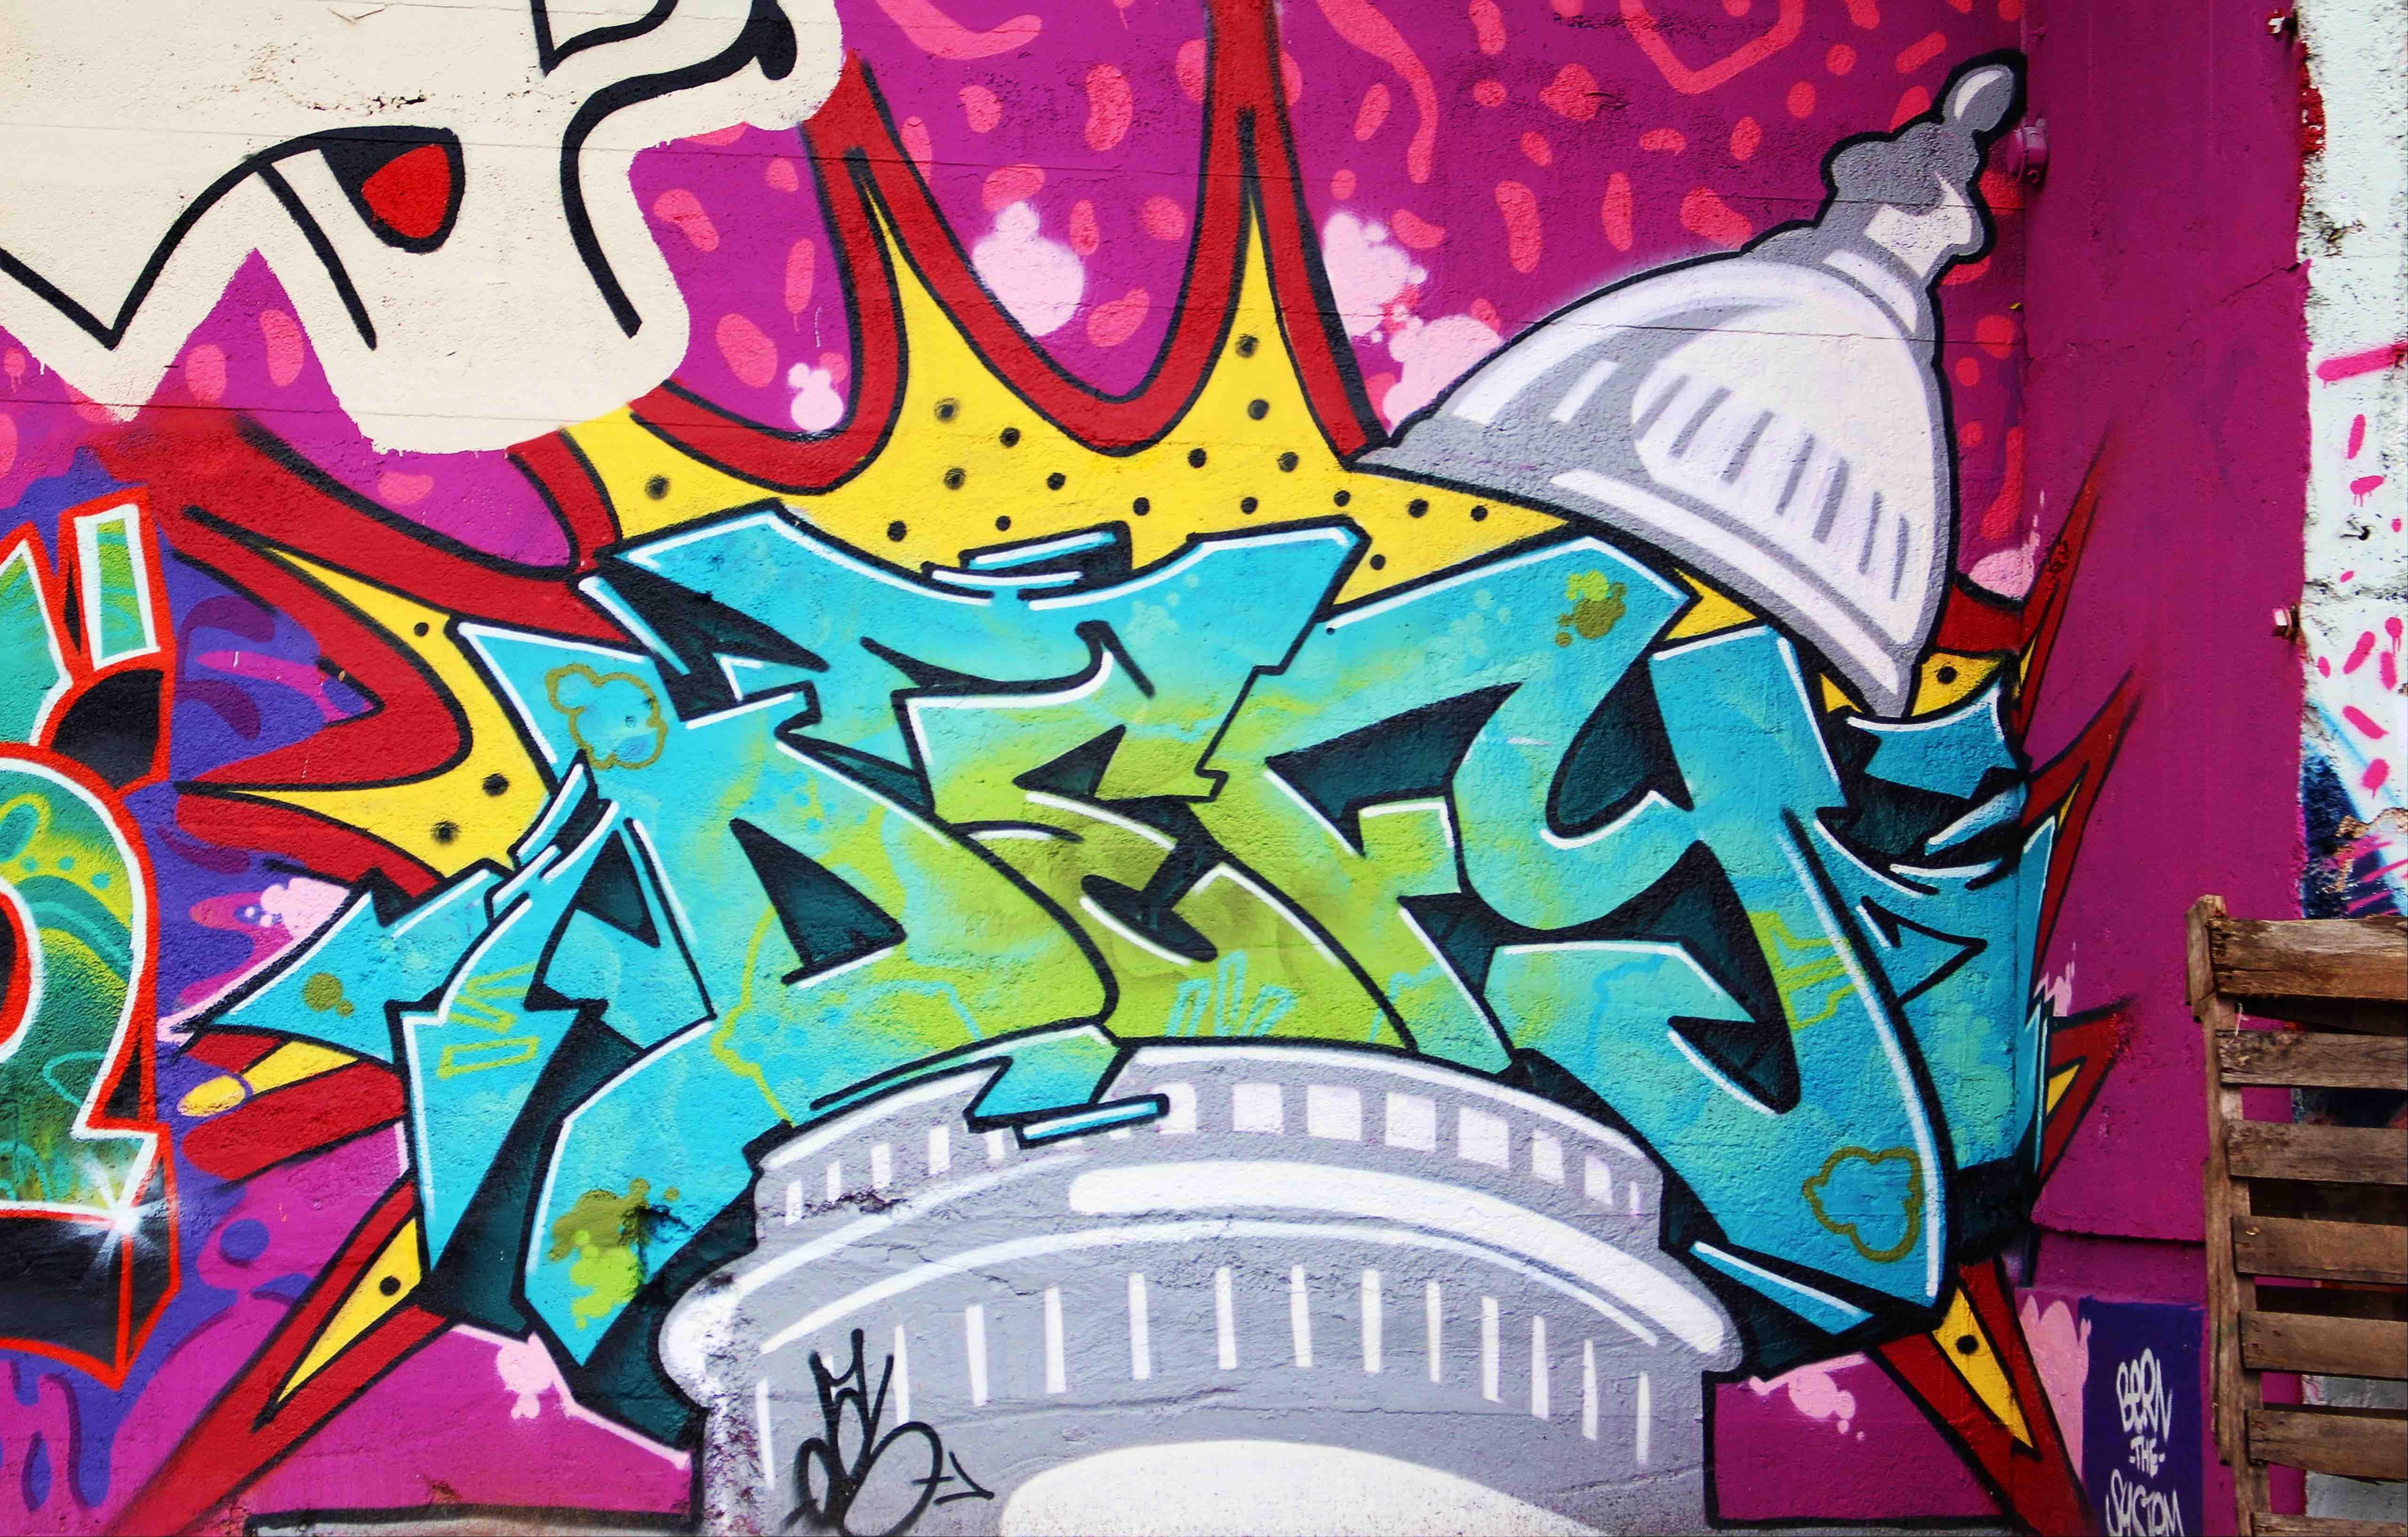 street-art in DC